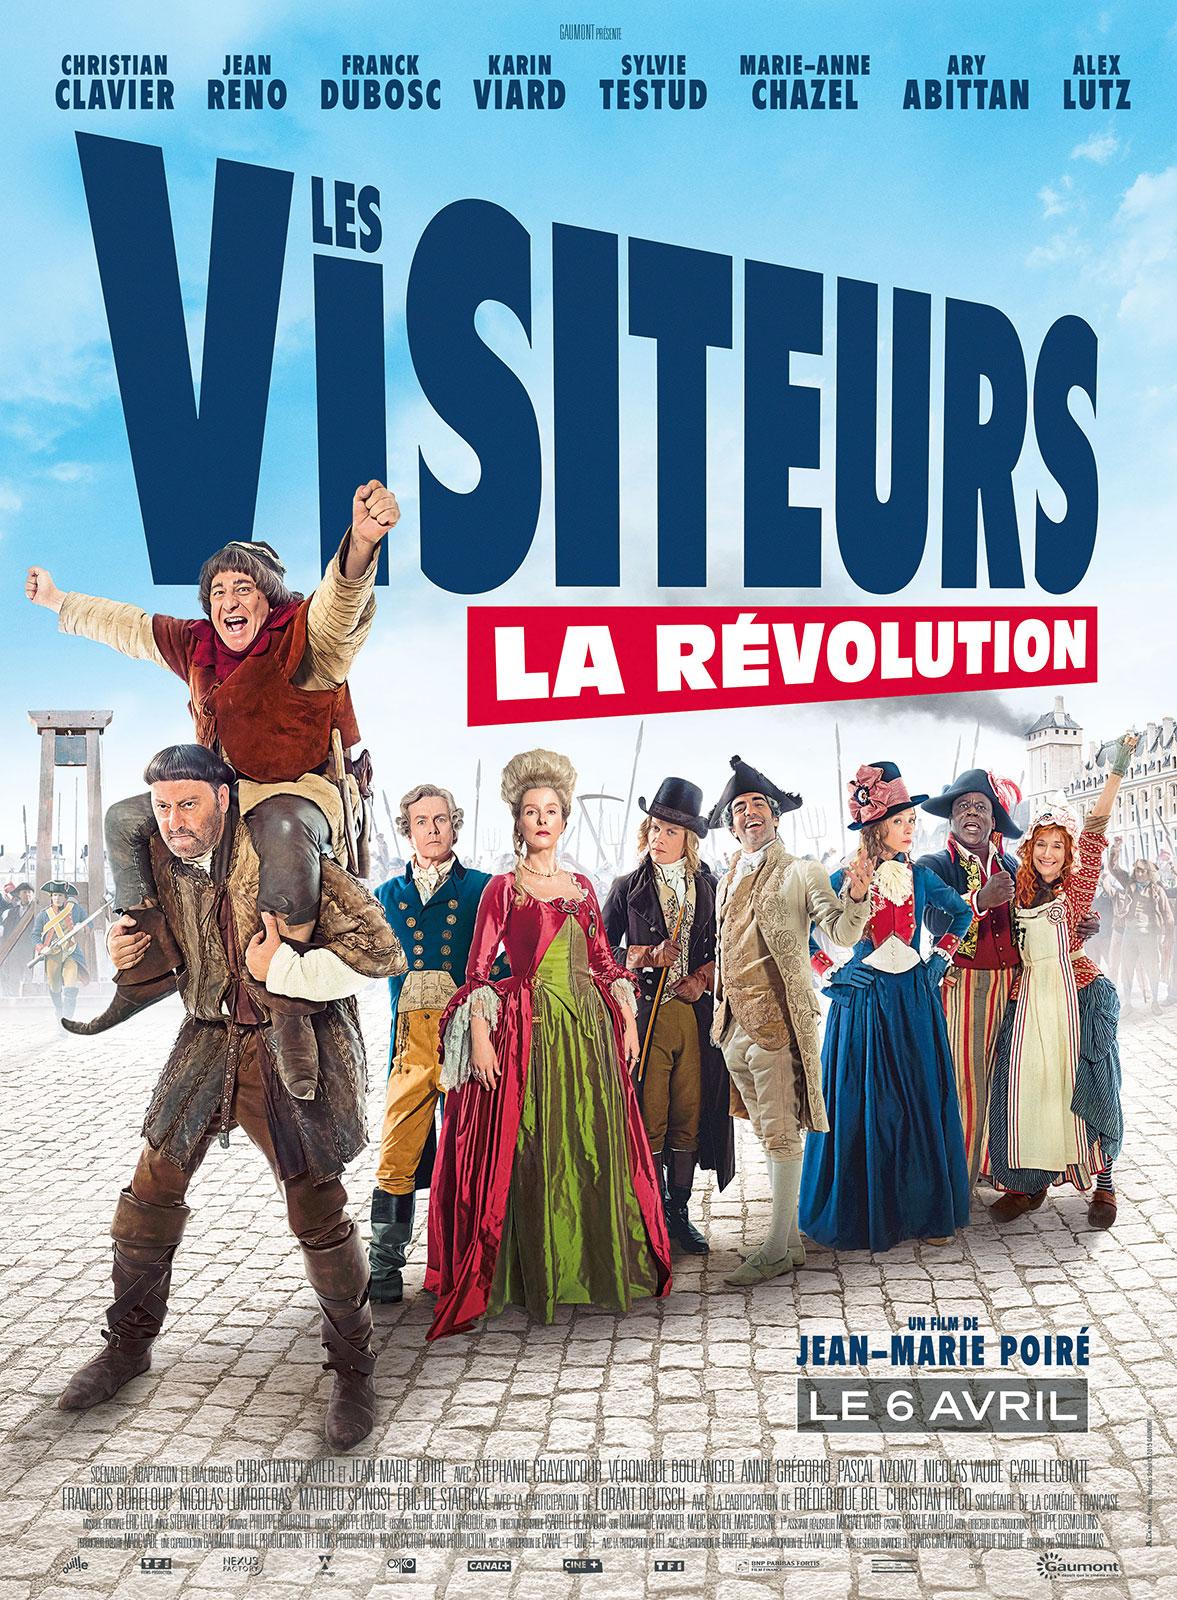 affiche du film Les Visiteurs 3 : La Révolution